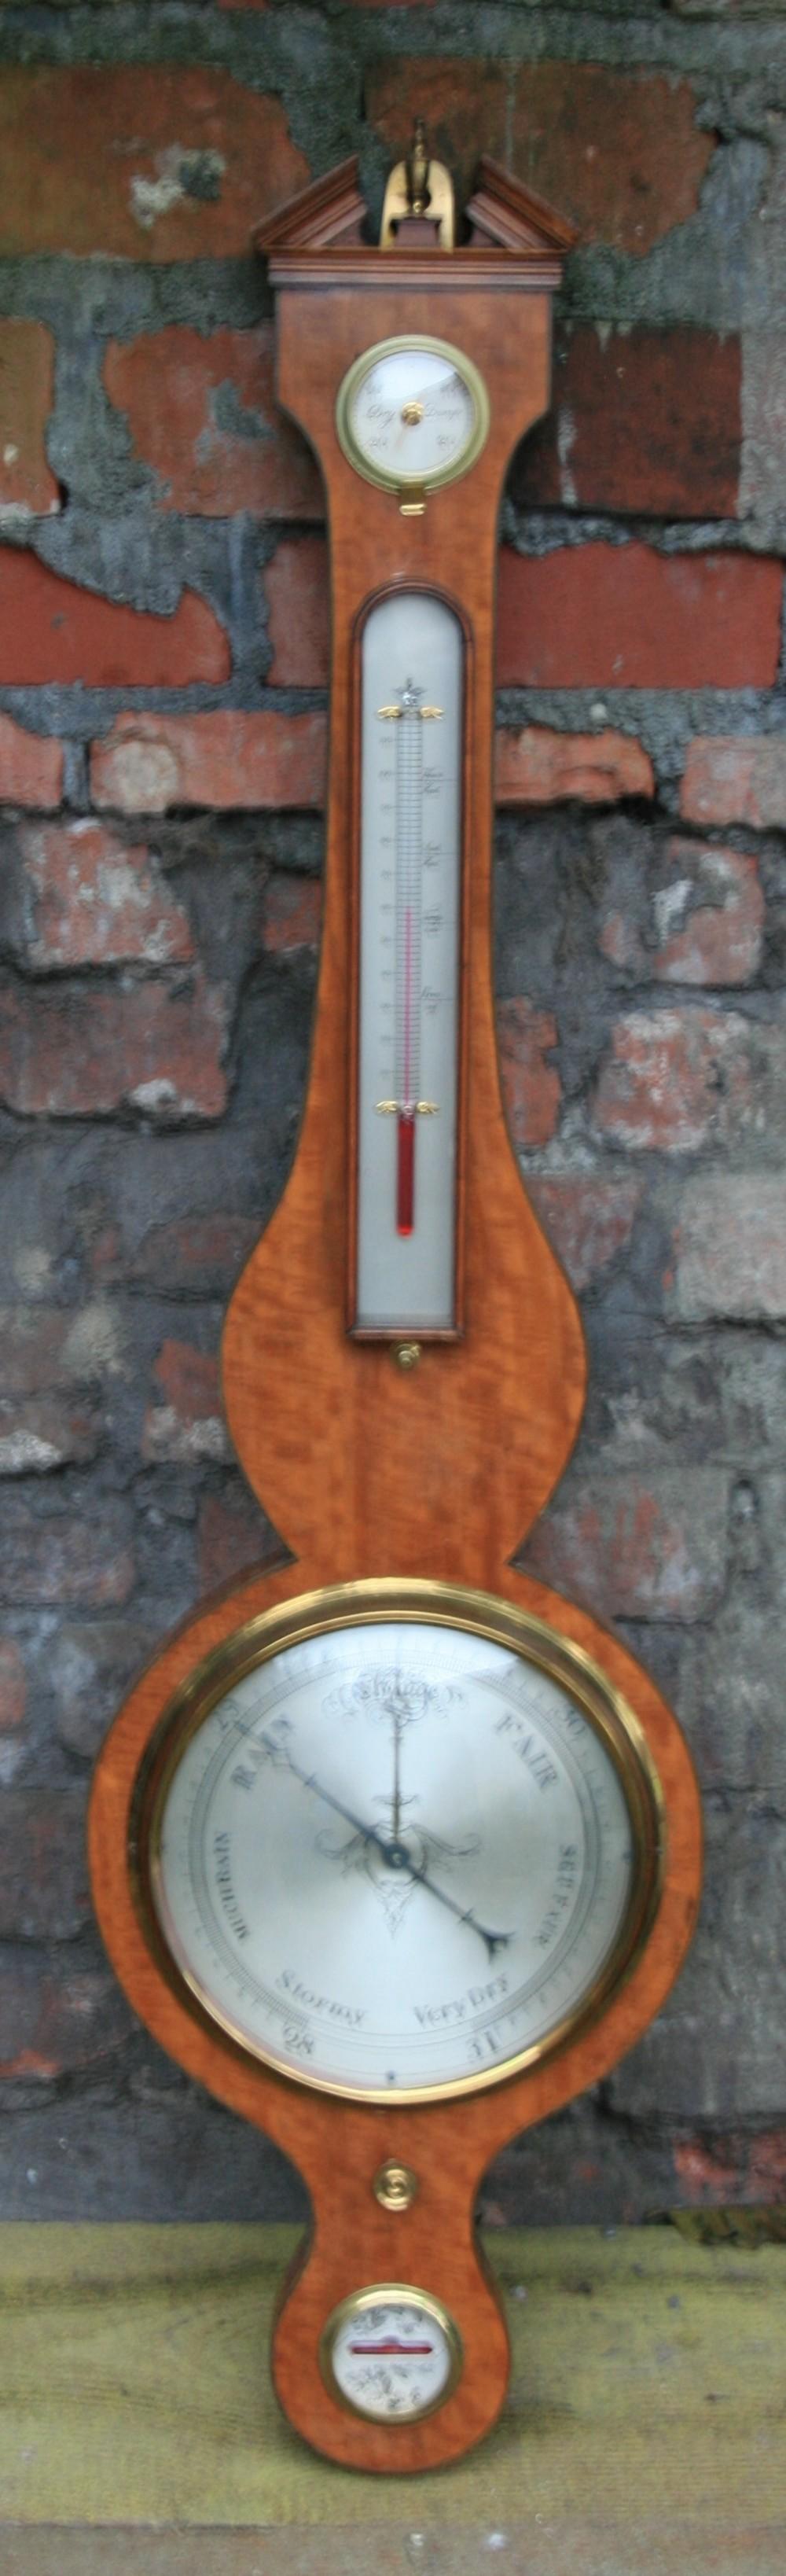 c19th satinwood barometer